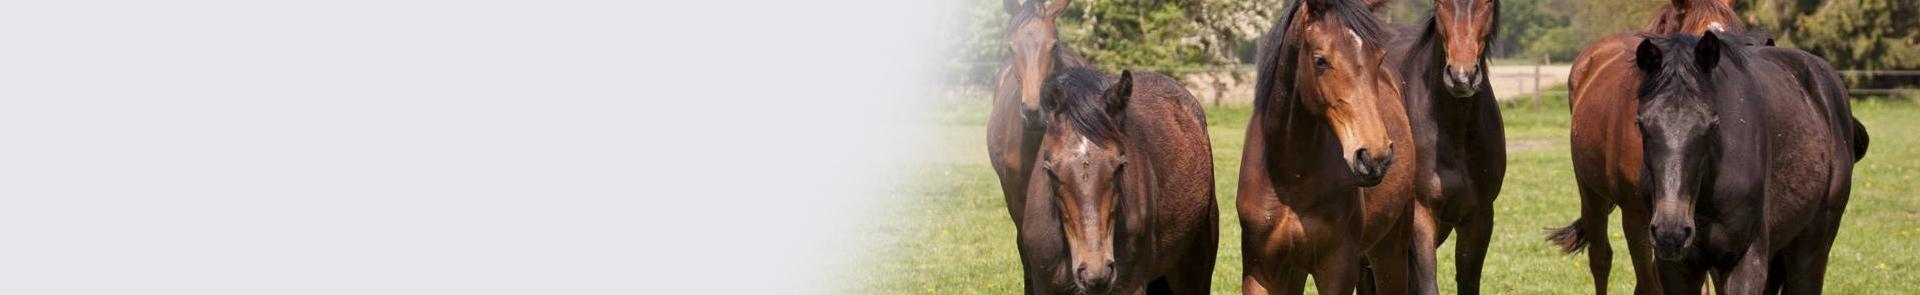 KeyVisual-Pferde_1